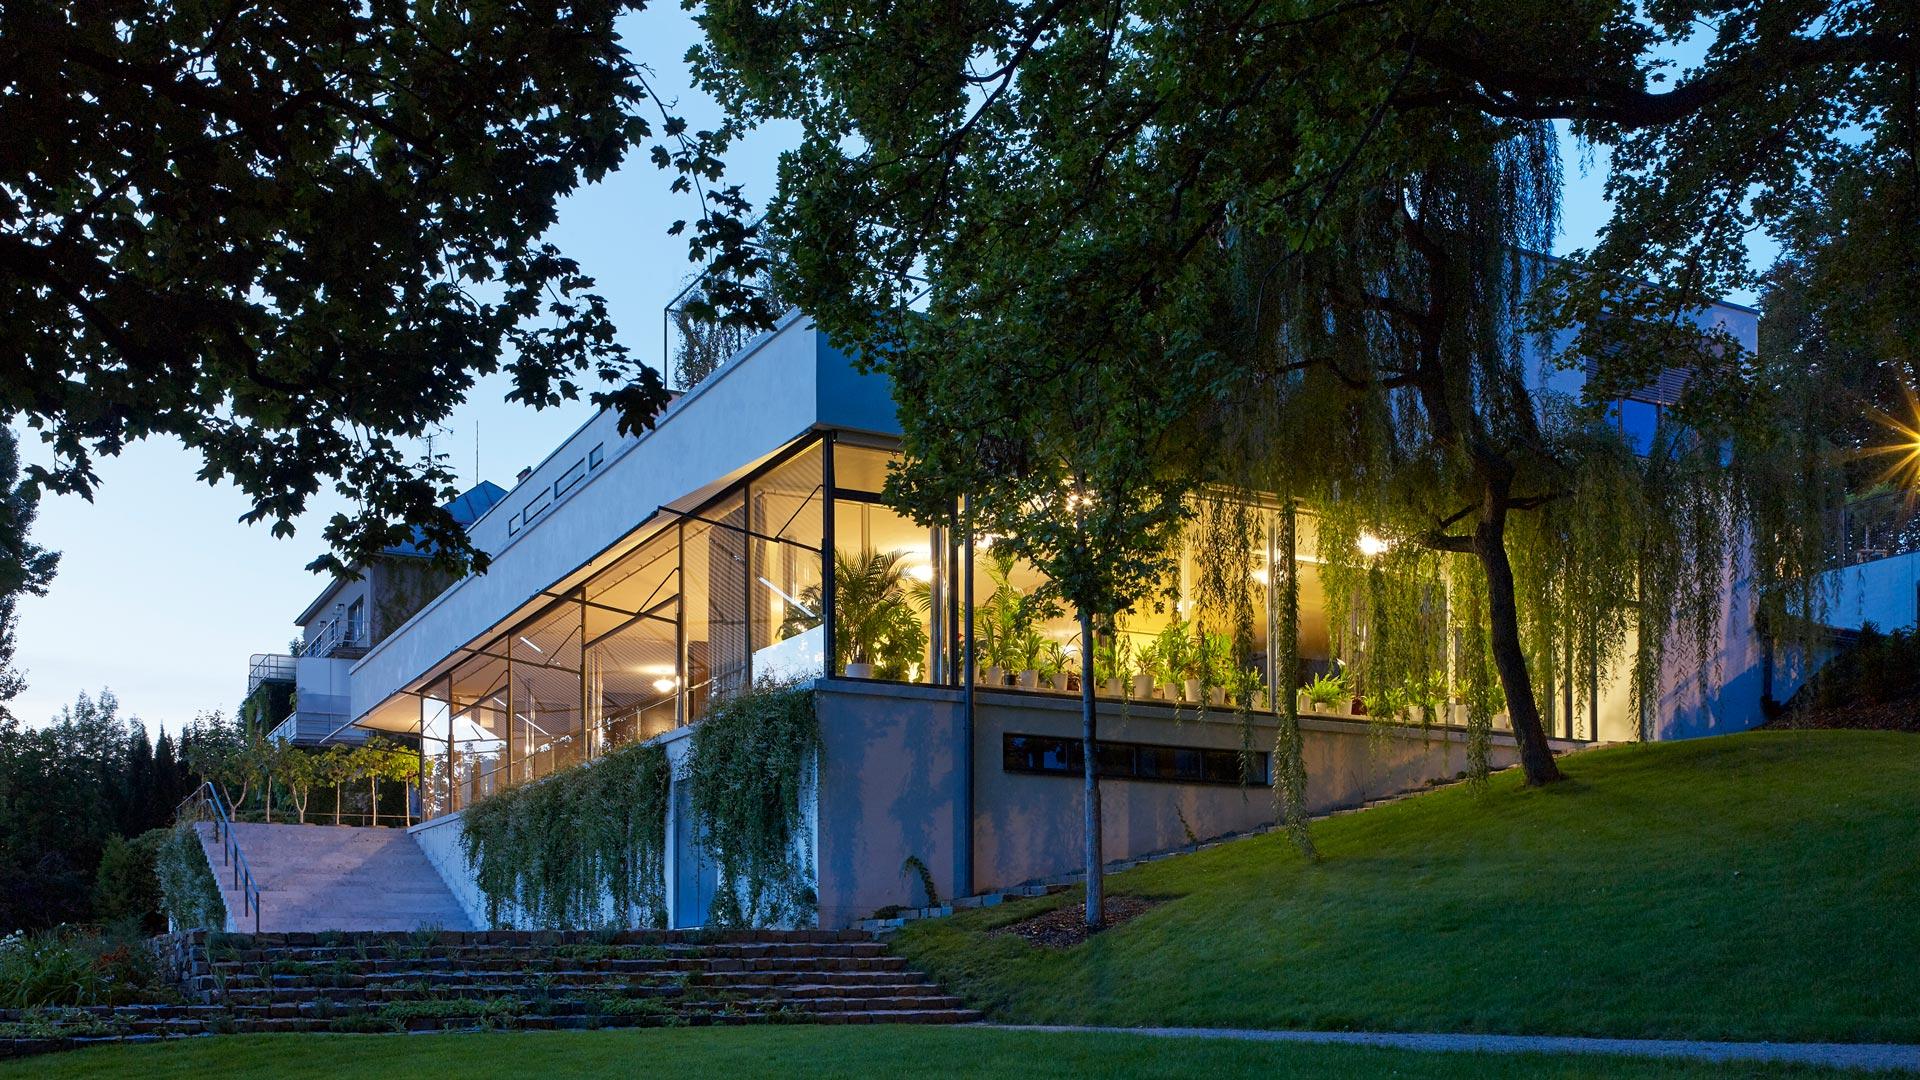 La Villa Tugendhat de Mies van der Rohe y otras joyas de Brno